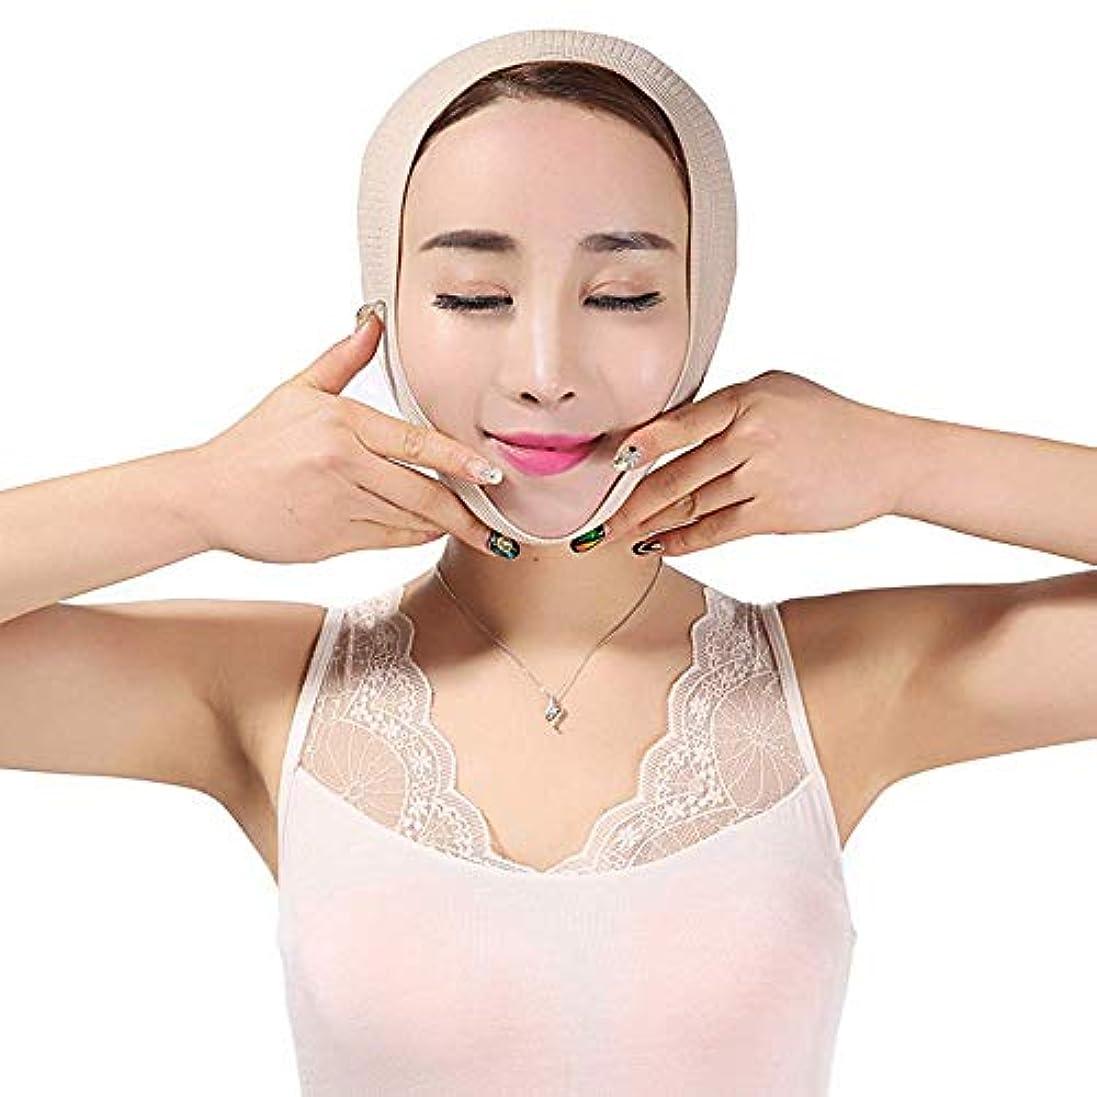 ベーシックオプショナル行商薄い顔の器械のマスクの改装の包帯Vの表面持ち上がることの引き締めの美顔術の二重最大の顔のマッサージャー